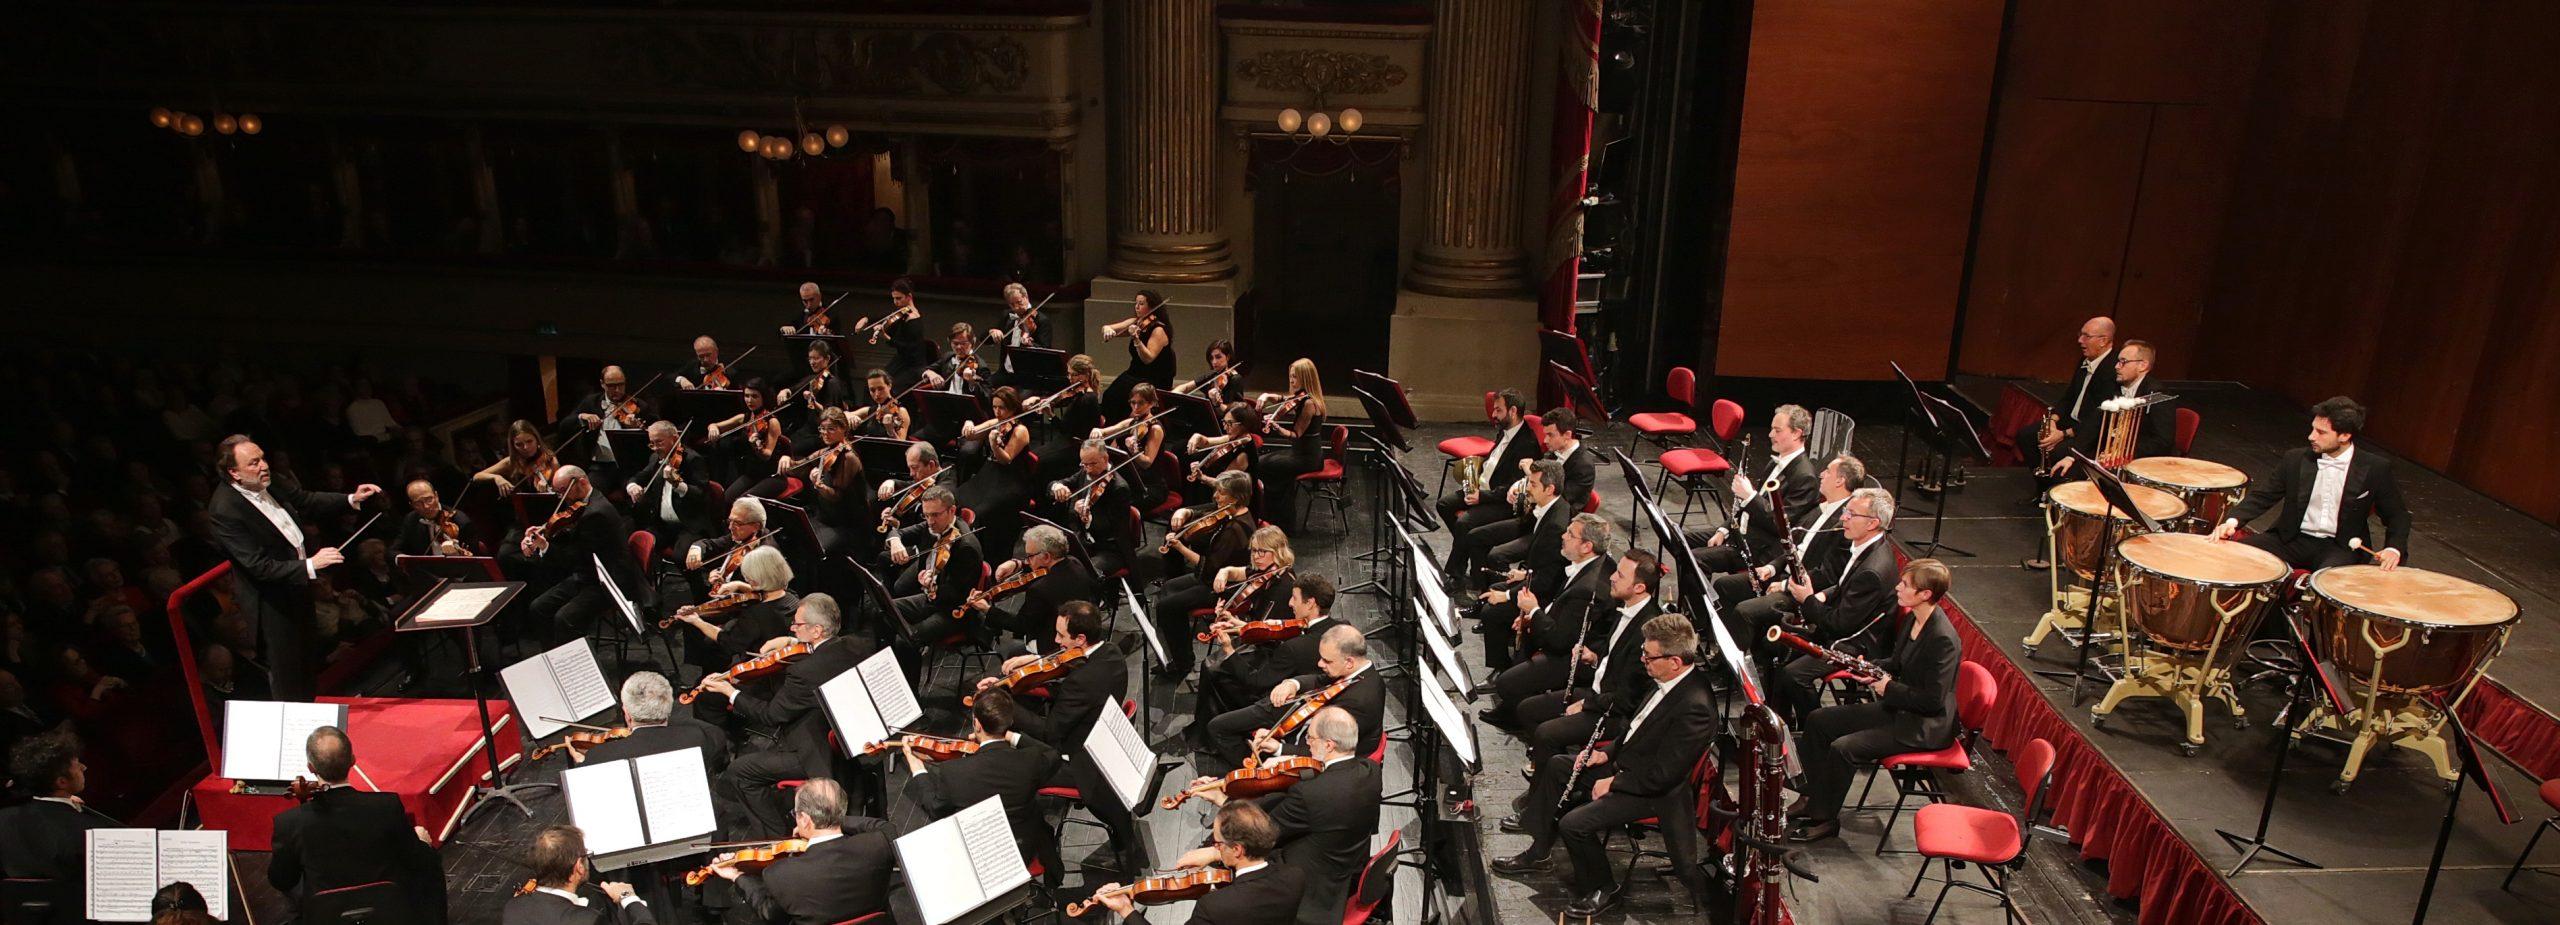 Filarmonica del Teatro alla Scala di Milano - M° Riccardo Chailly